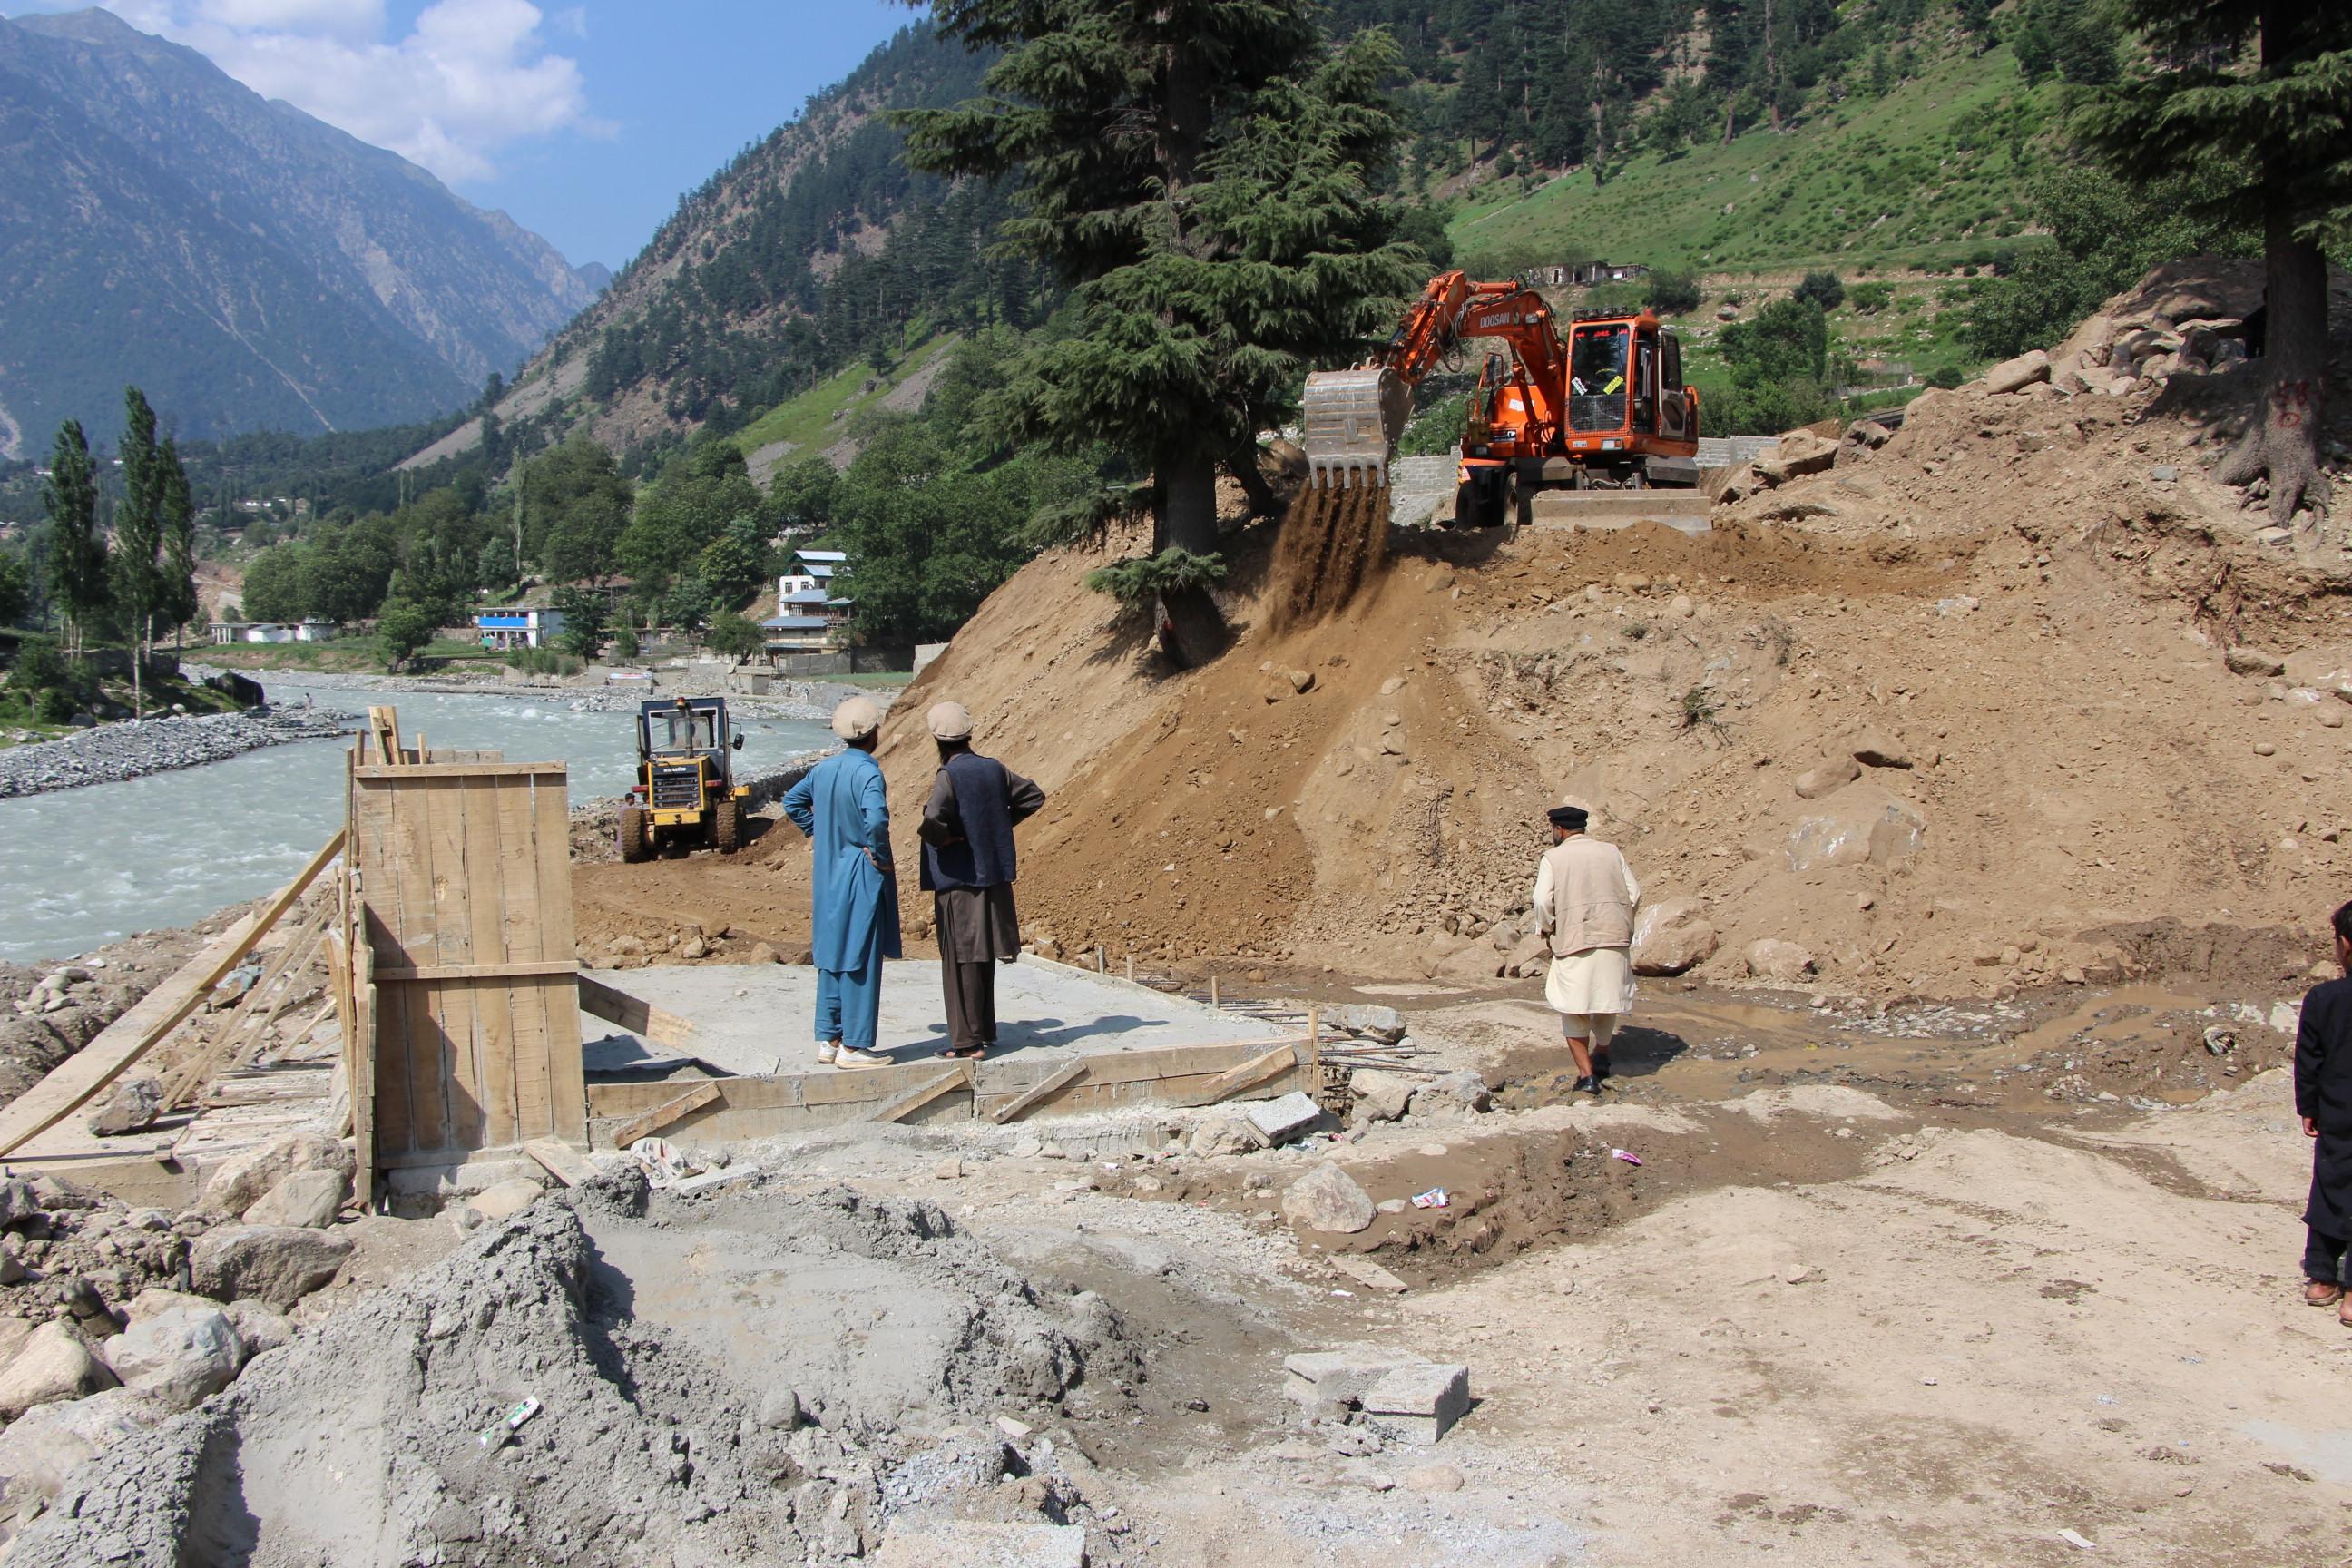 کالام میں جاری ترقیاتی کام کا ایک منظر (عکاسی: امجد علی سحاب